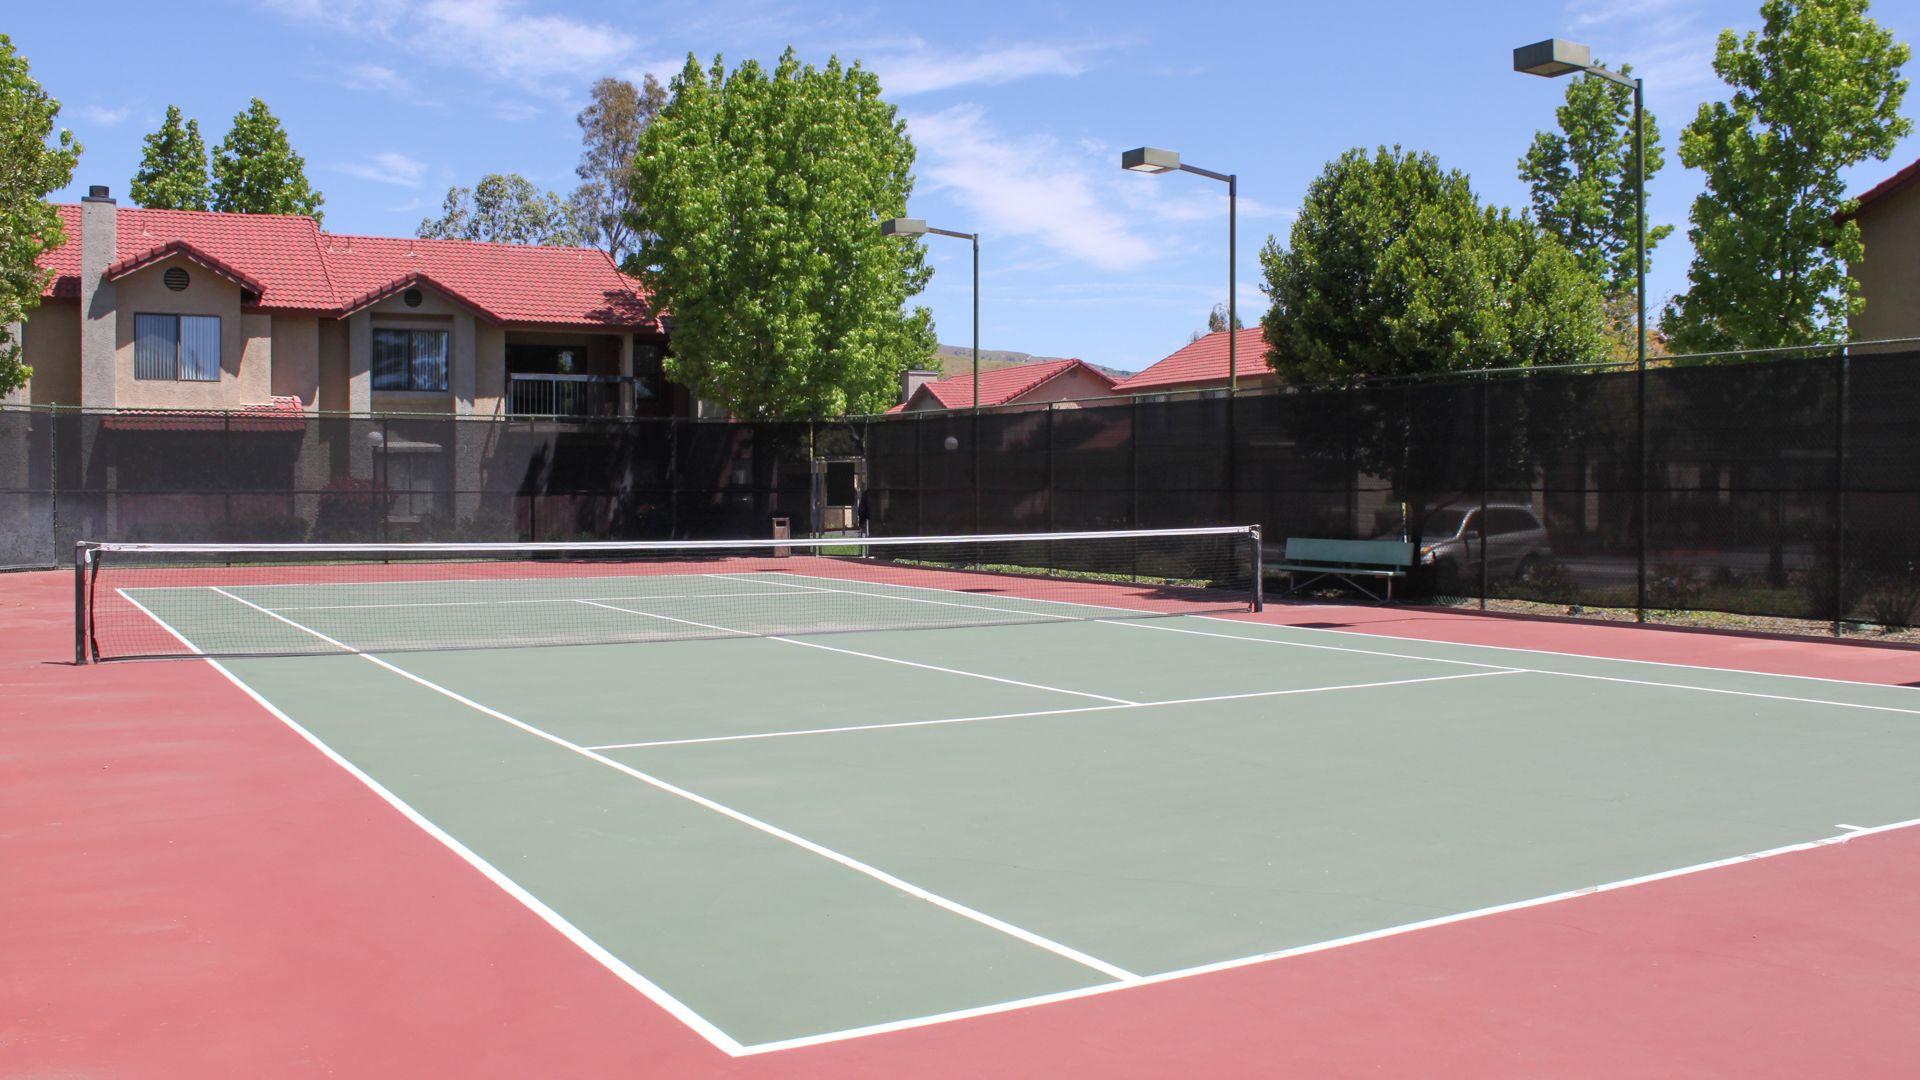 Summerset Village Apartments - Tennis Court